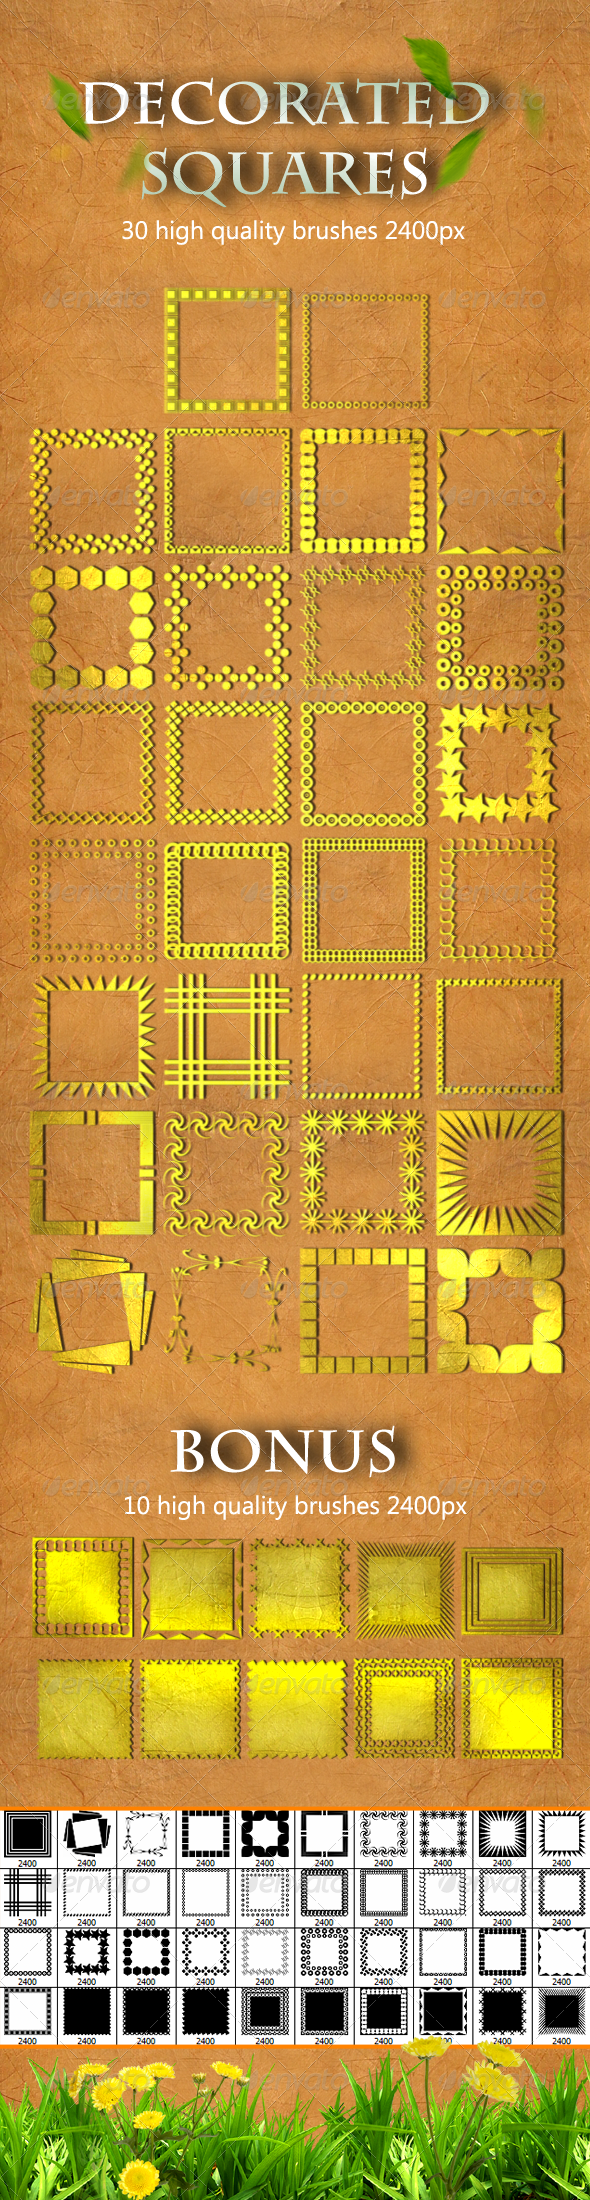 30 Decorated Squares - Artistic Brushes